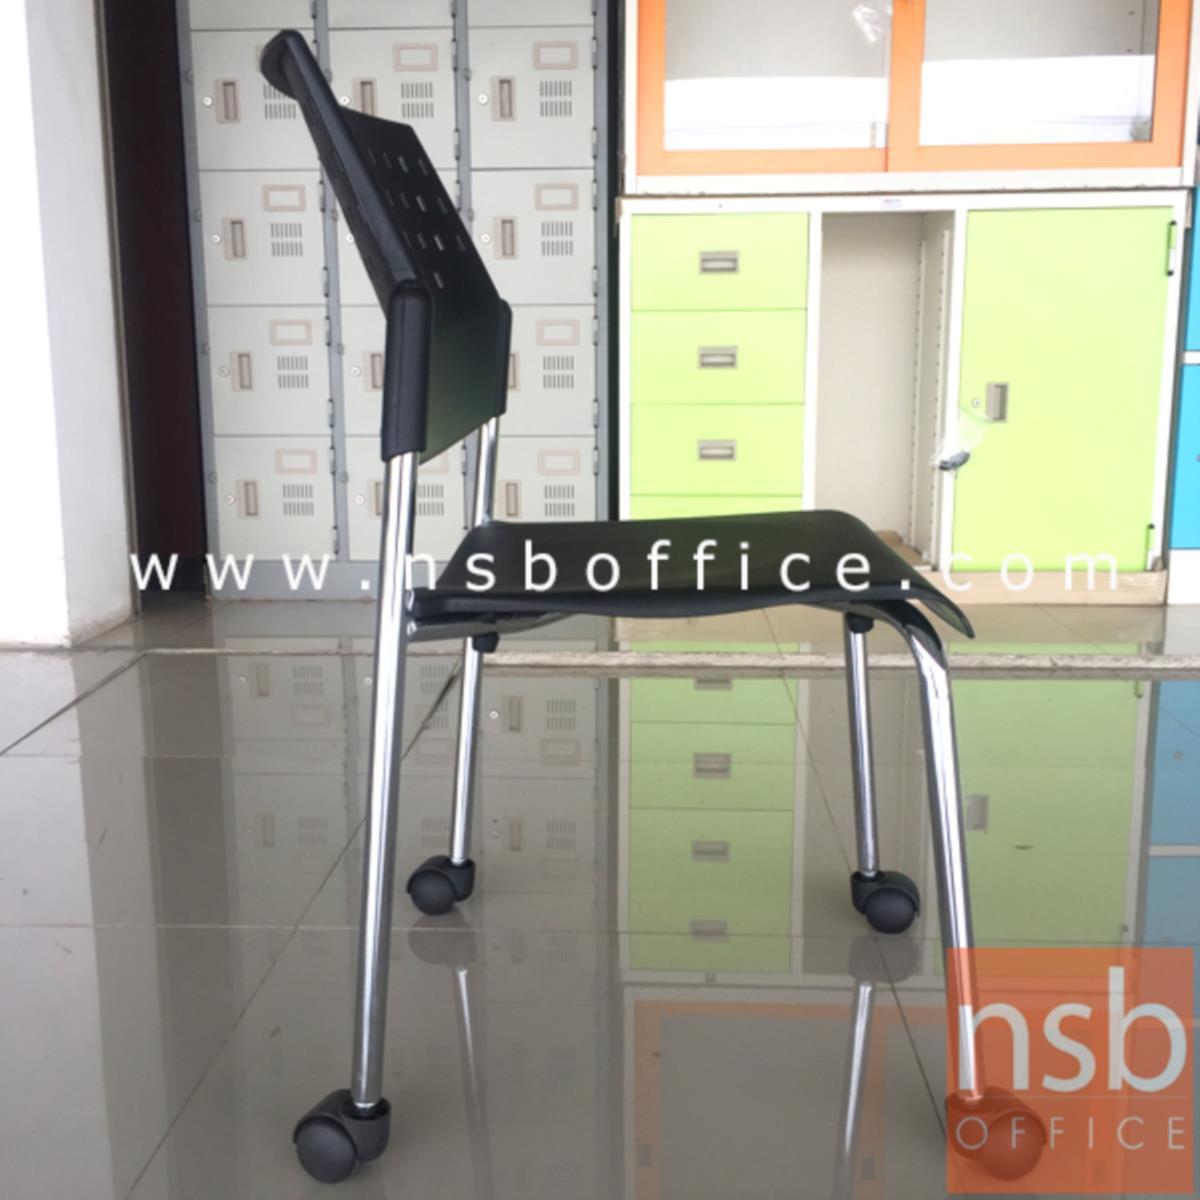 เก้าอี้อเนกประสงค์เฟรมโพลี่ รุ่น Steelbeak (สตีลบีค)  ขาเหล็กชุบโครเมี่ยม ล้อเลื่อน